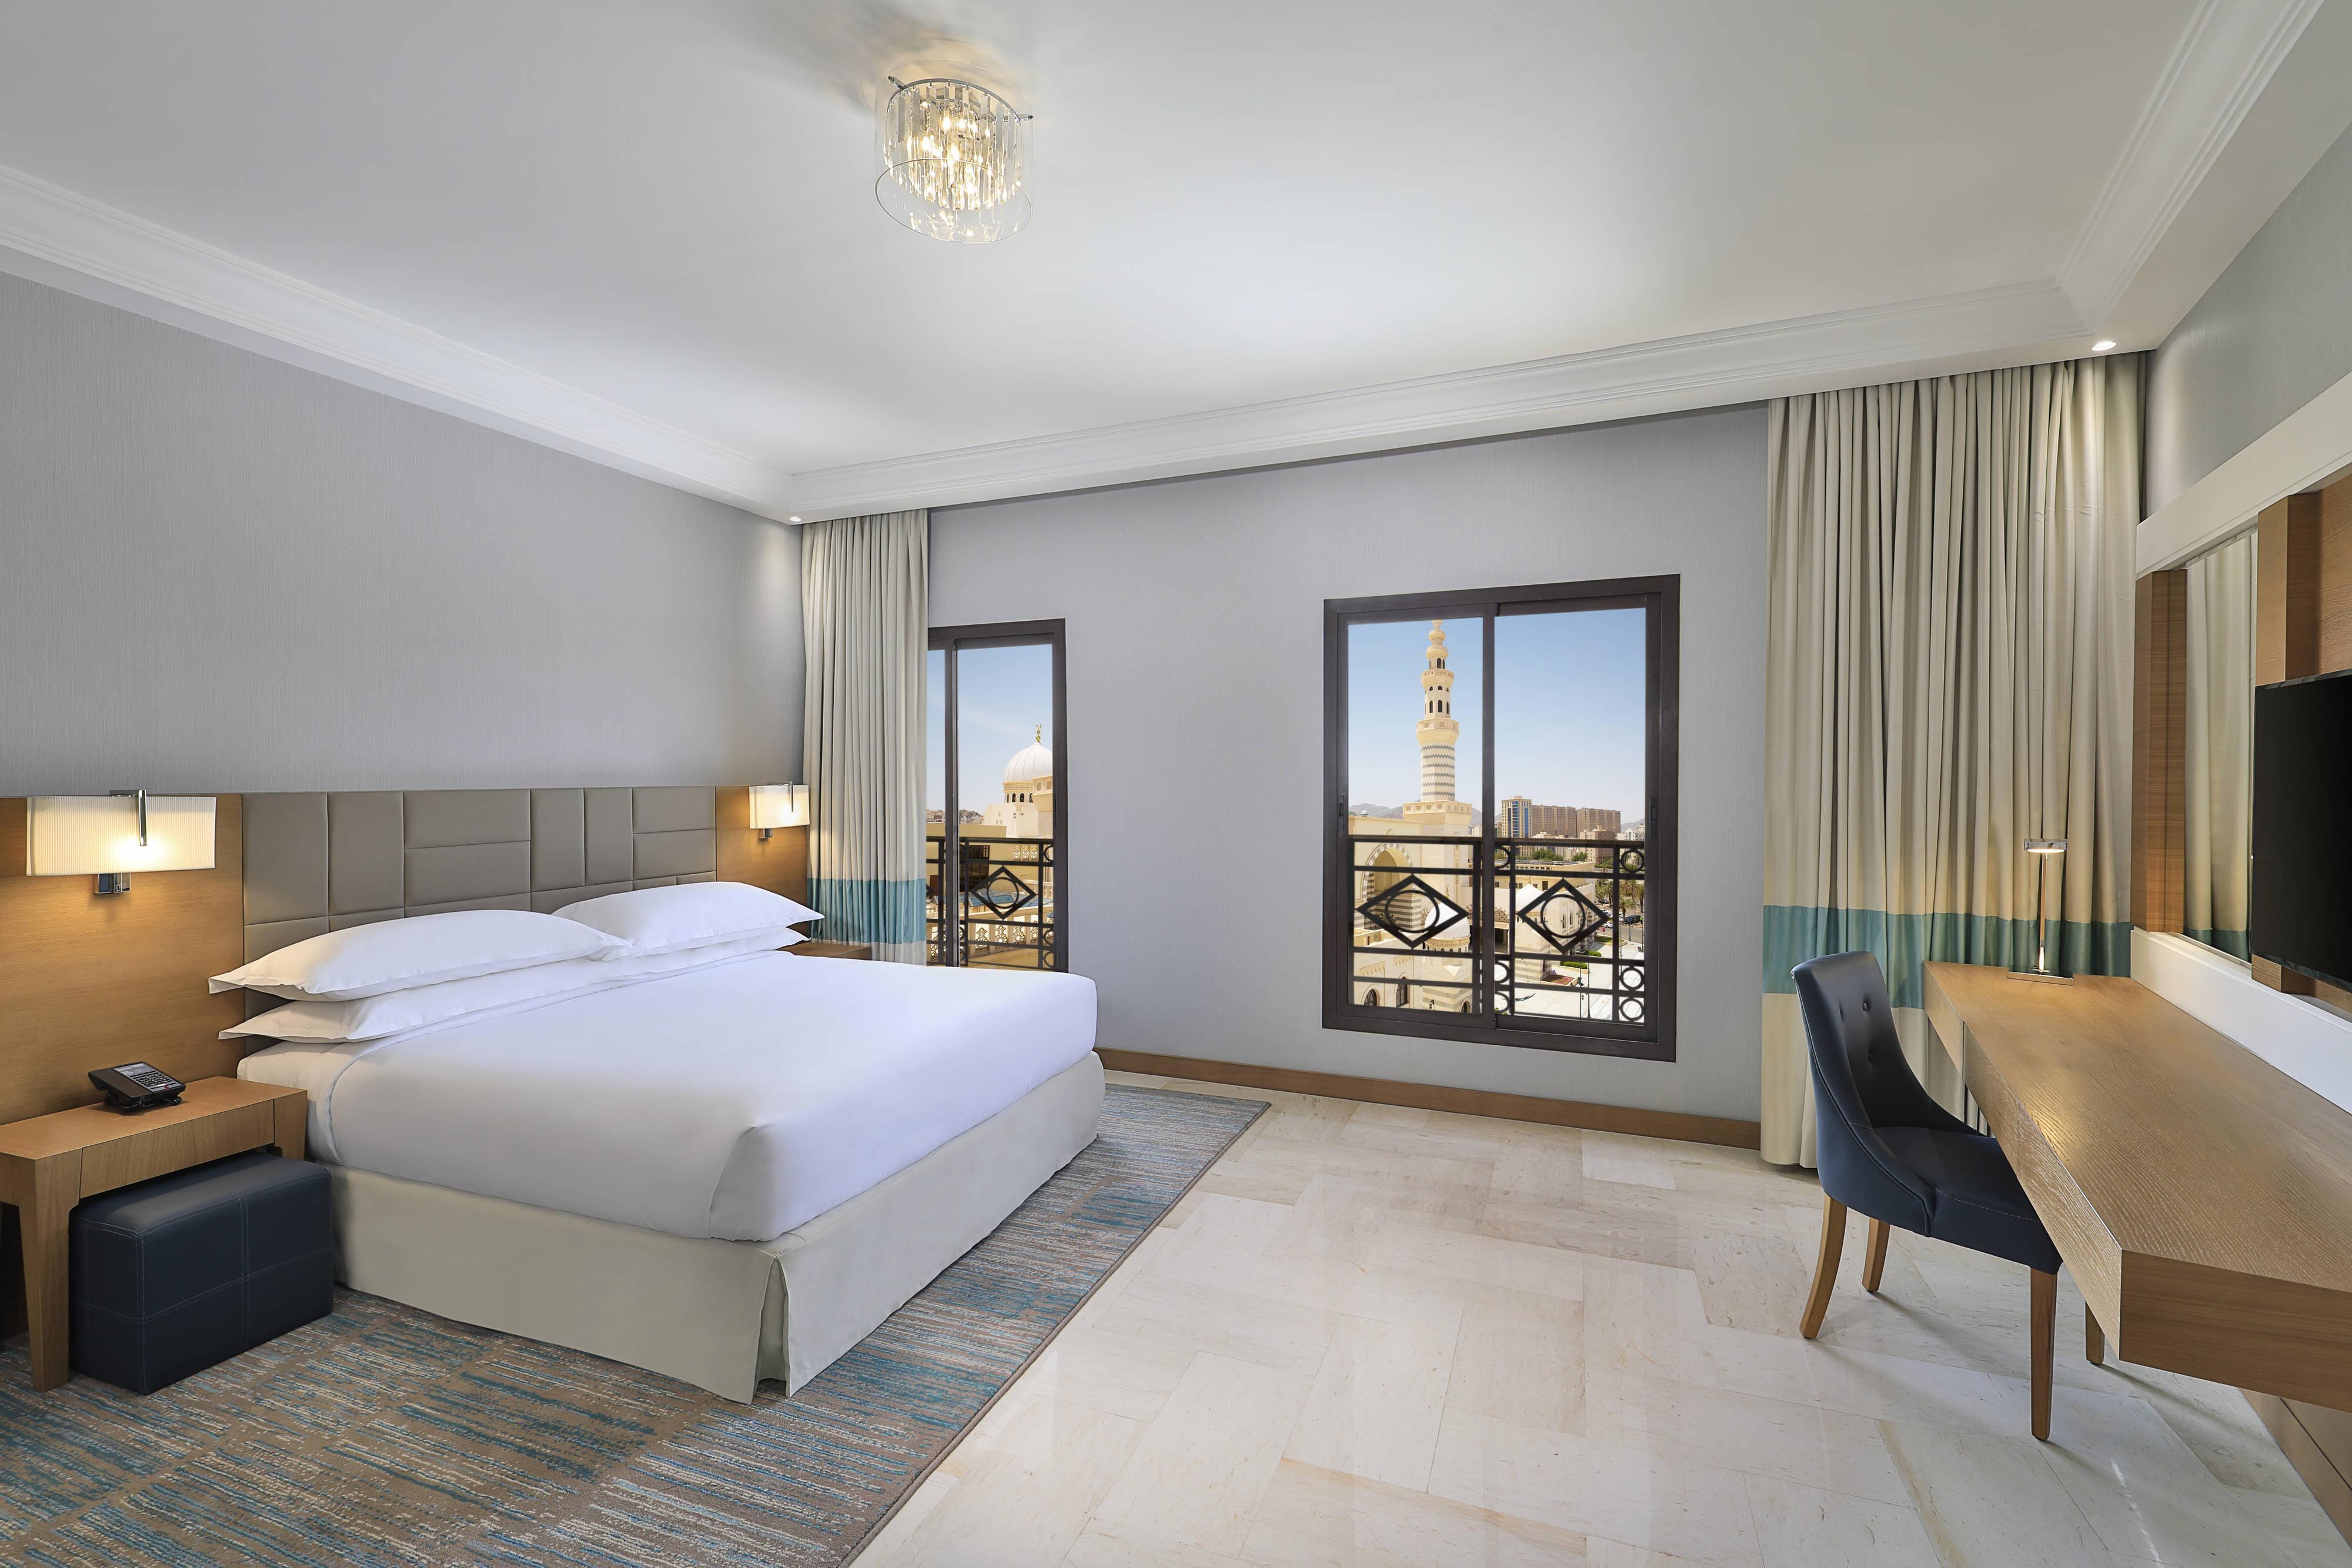 Делюксс двуспальной кроватью (King) и видом на город